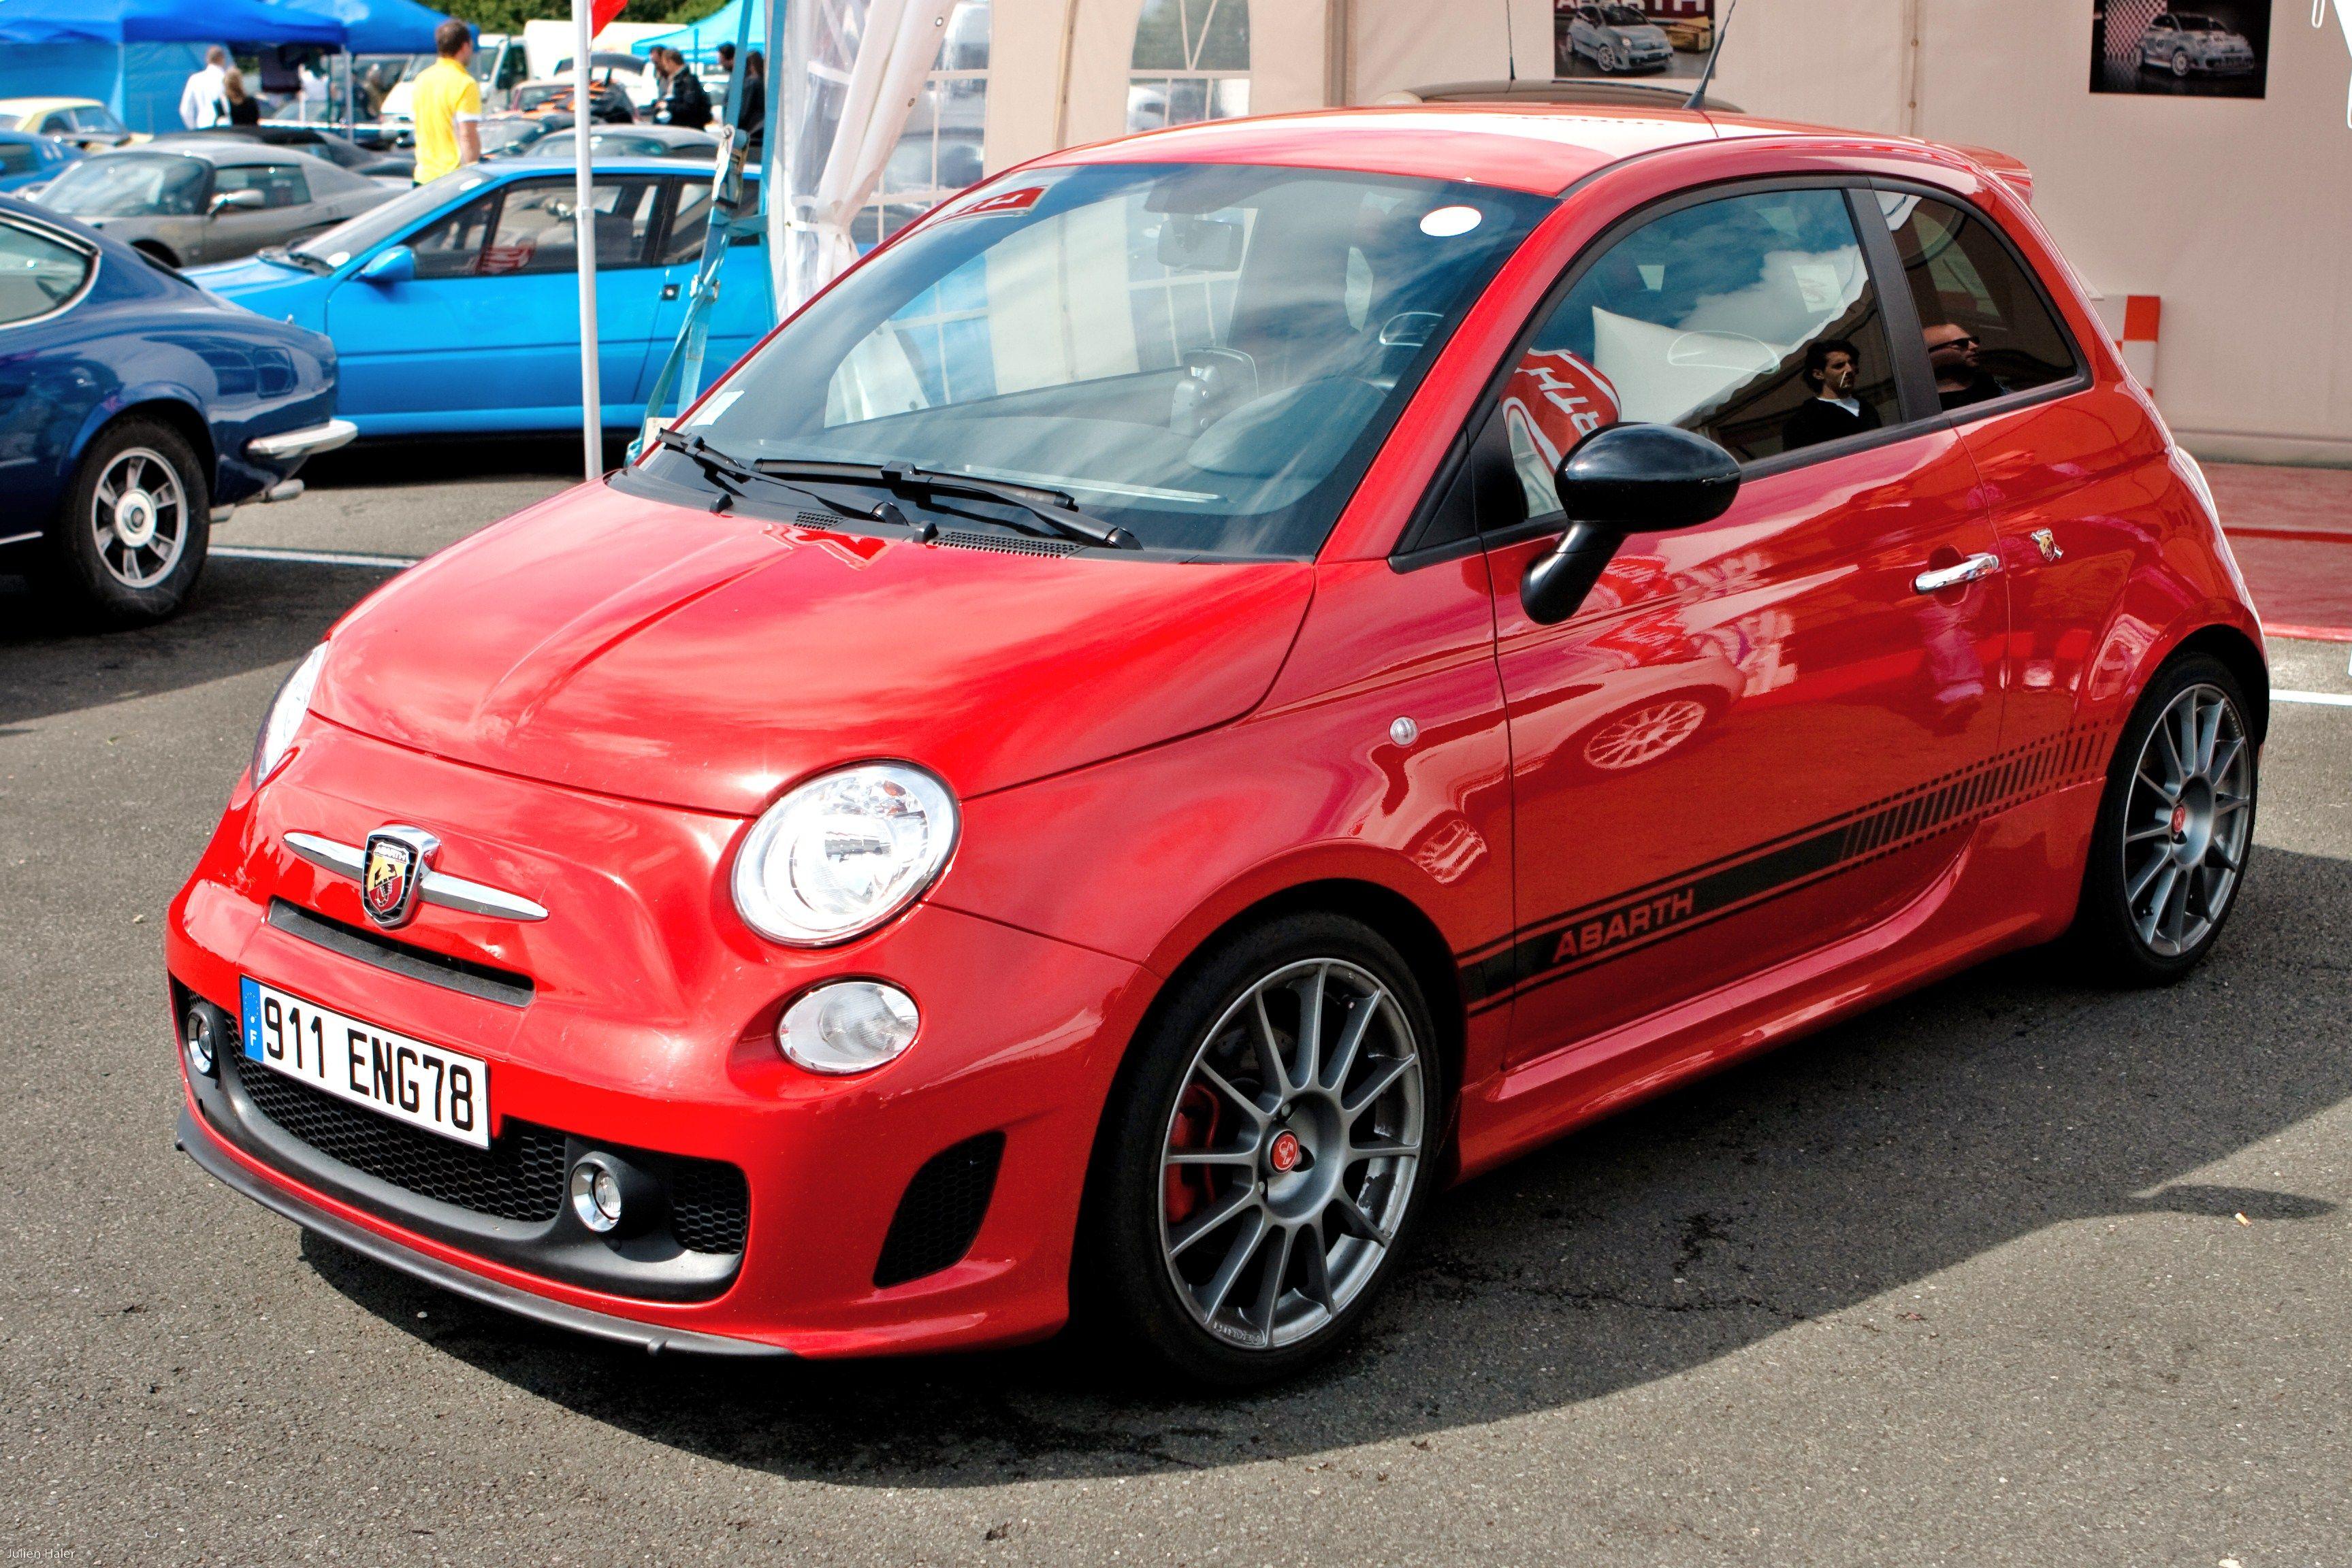 500abarth Jpg 3455 2304 Fiat 500 Auto Rosso